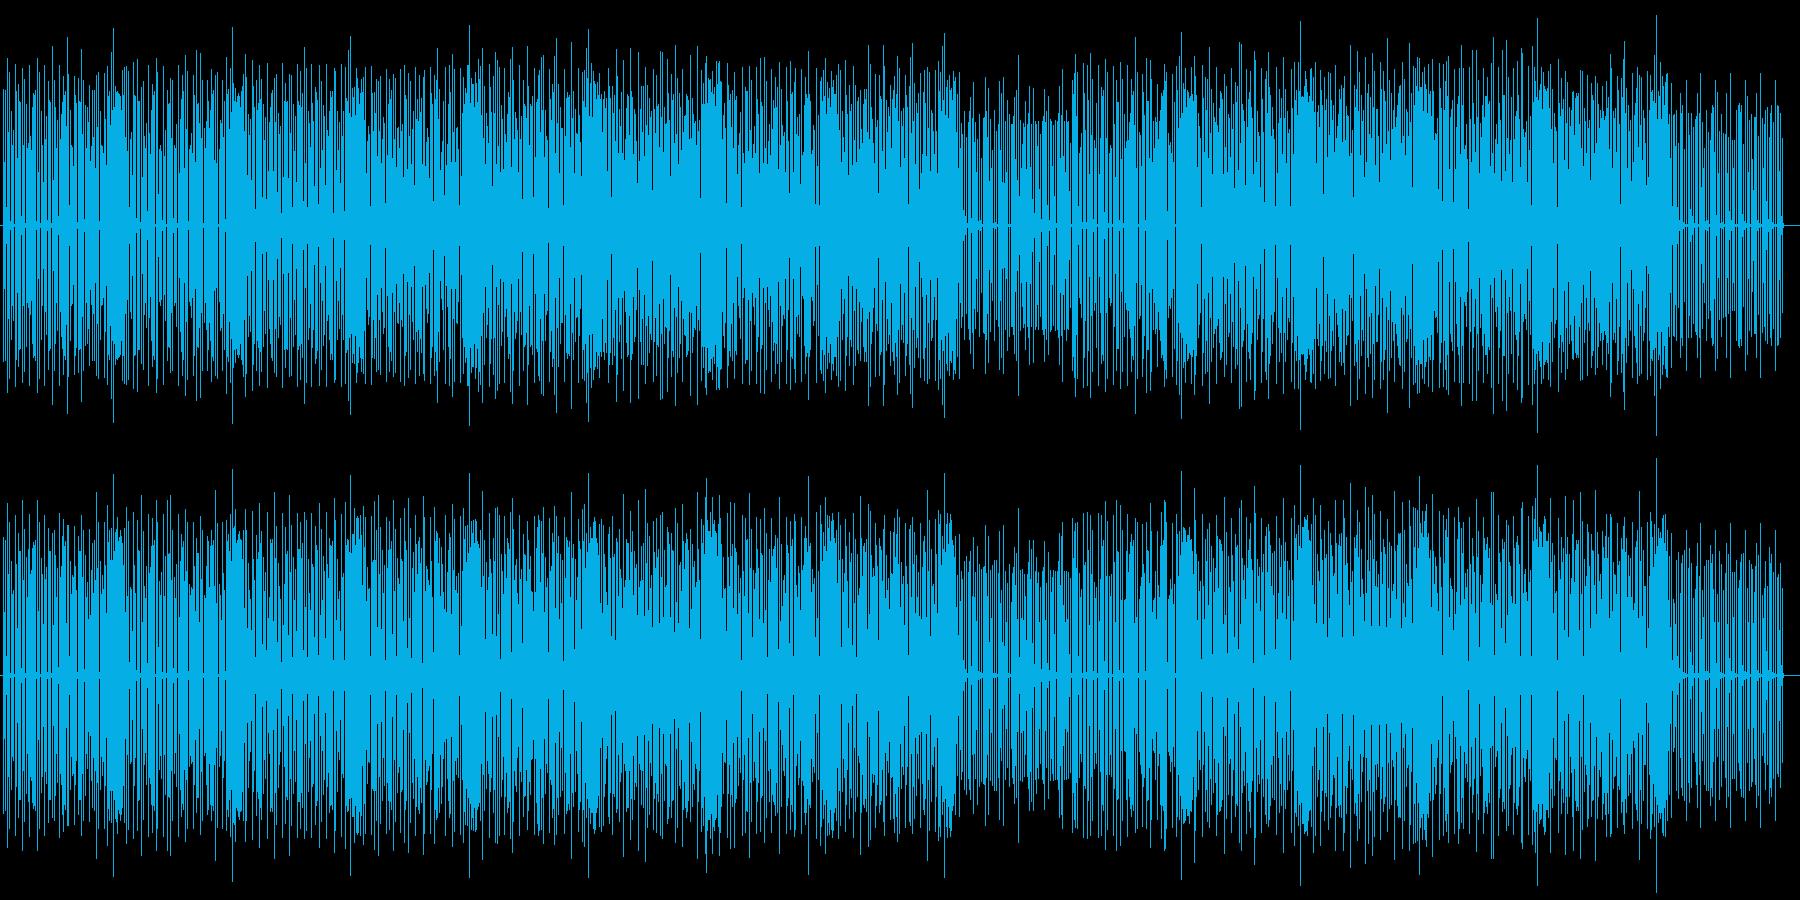 かわいくコミカルなチップチューンの再生済みの波形